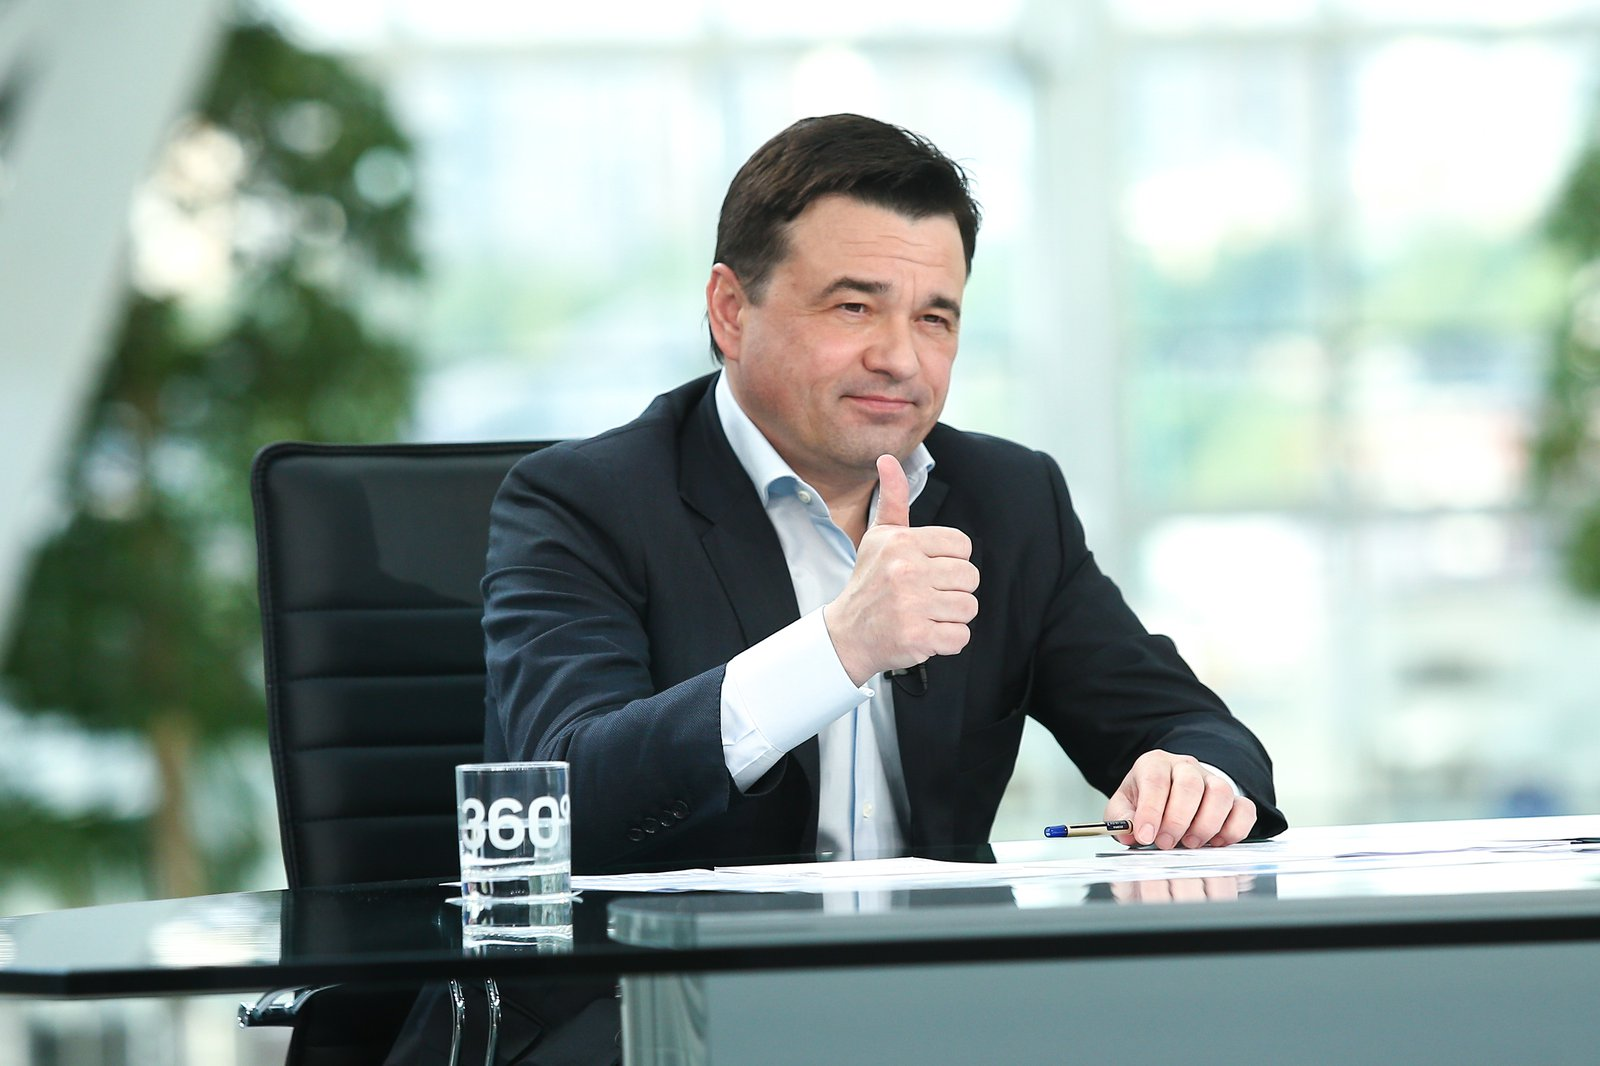 Андрей Воробьев губернатор московской области - Открытие парков и магазинов: важные шаги по выходу из самоизоляции